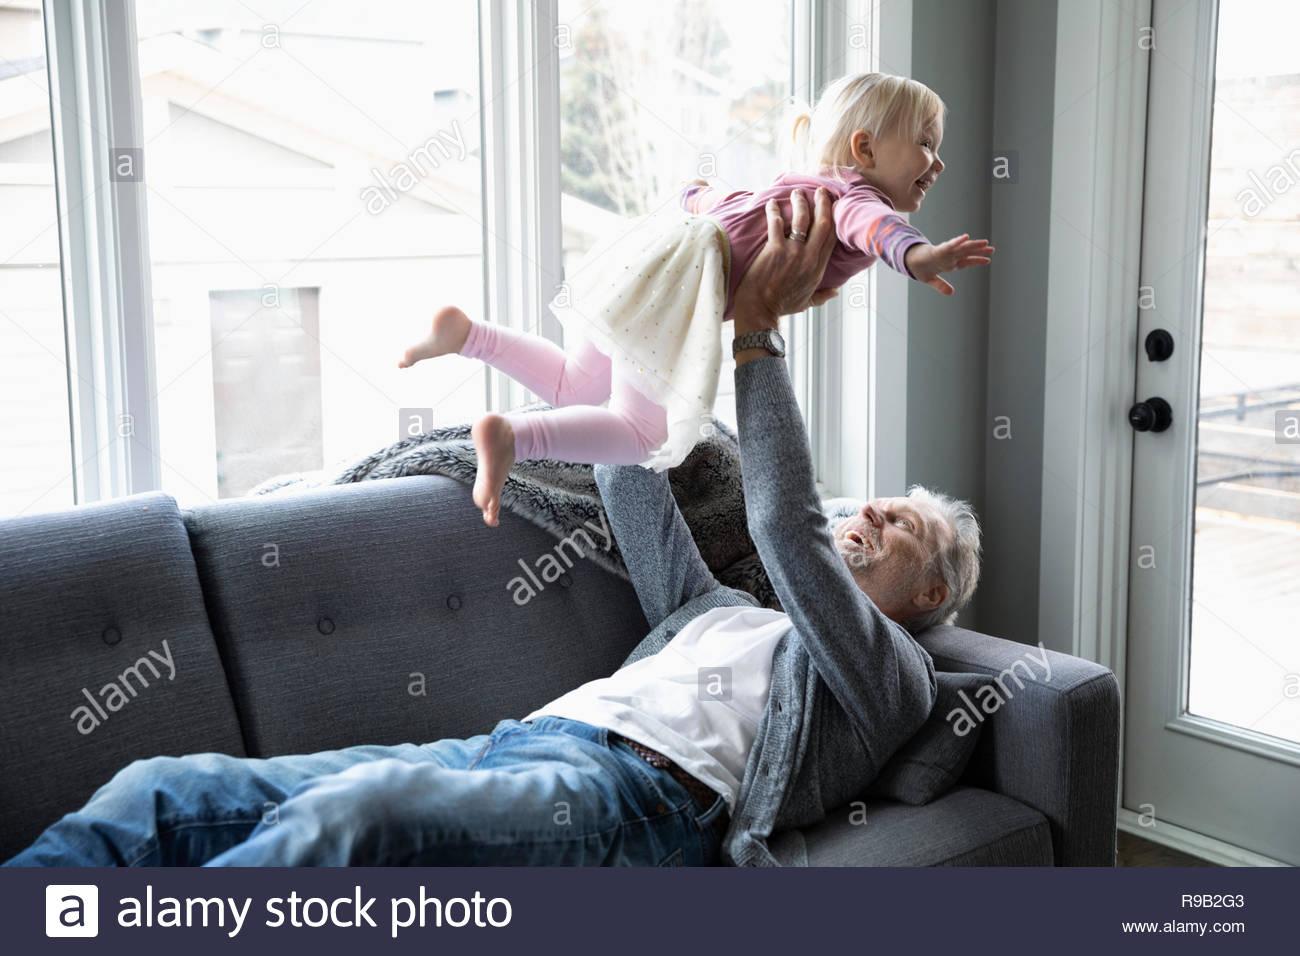 Giocoso nonno toddler sollevamento nipote overhead sul divano Immagini Stock